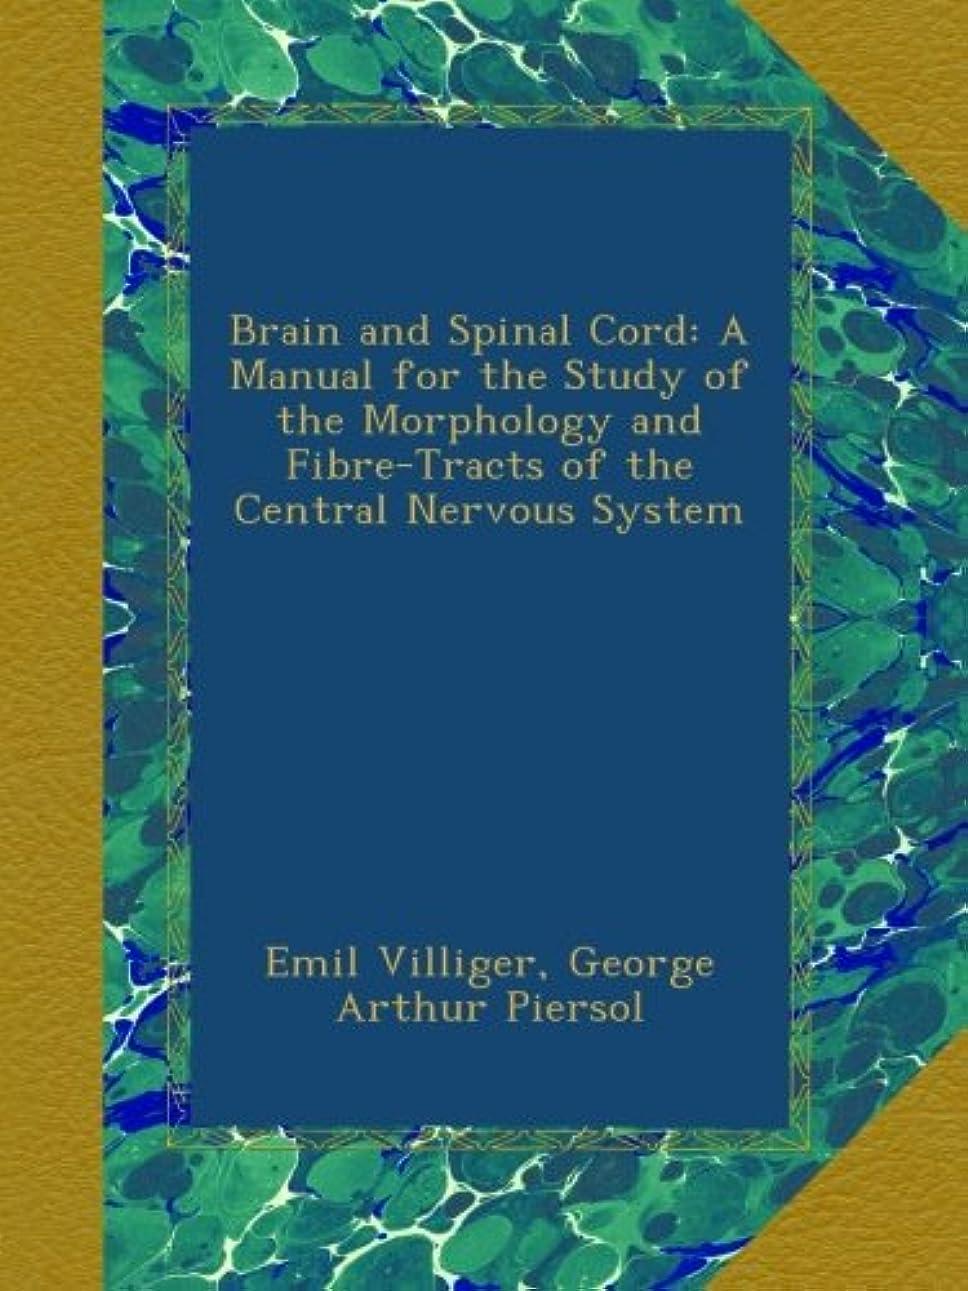 傾く強調不機嫌そうなBrain and Spinal Cord: A Manual for the Study of the Morphology and Fibre-Tracts of the Central Nervous System